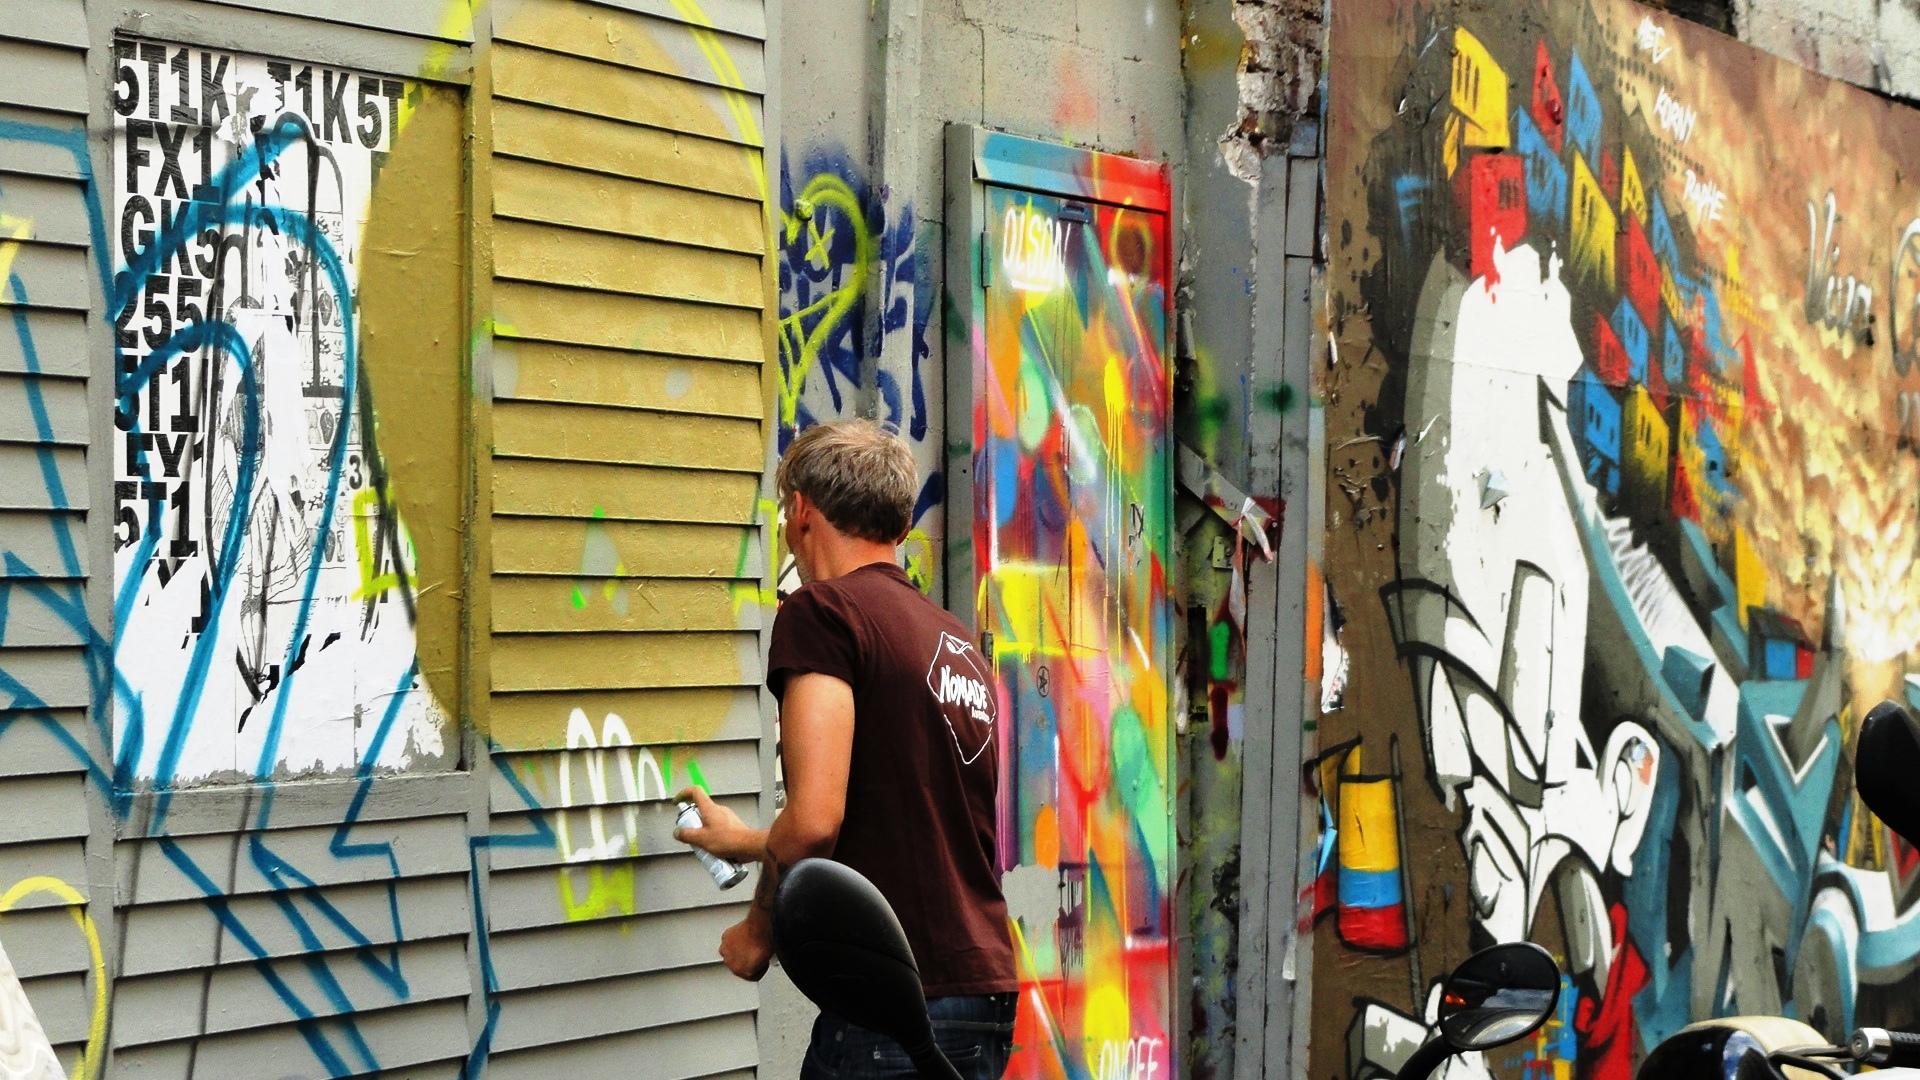 Promenade dans Montmarte - croisement rue des Trois Frères / rue La Vieuville - Graffeur en plein travail